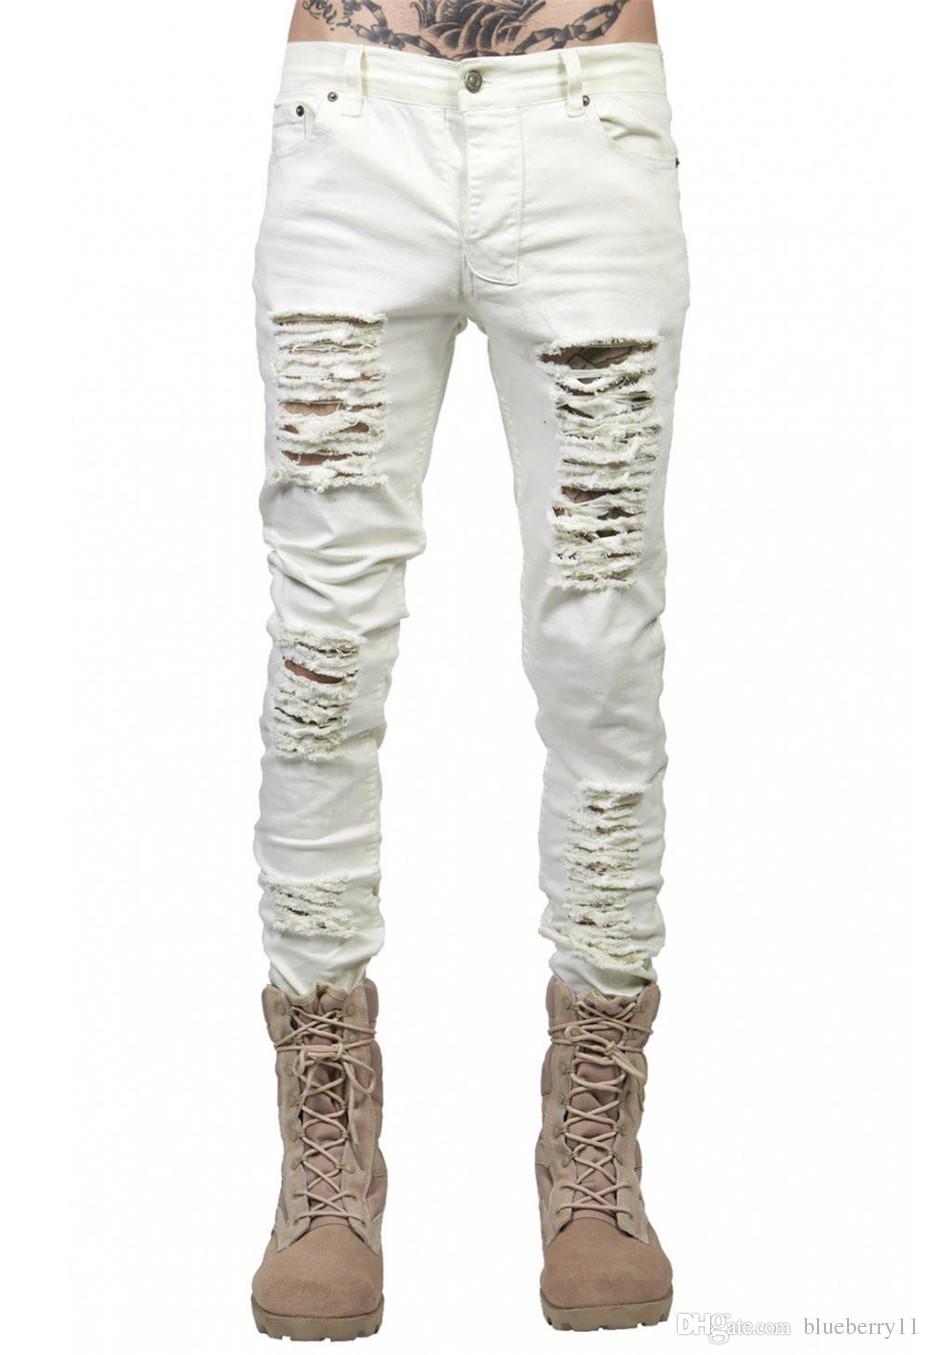 moda erkek kot erkekler için kot Sıkıntılı ince motorcu kalça hop yağma siyah / beyaz ince pantolon boyutu 28-38 sıska yırtık